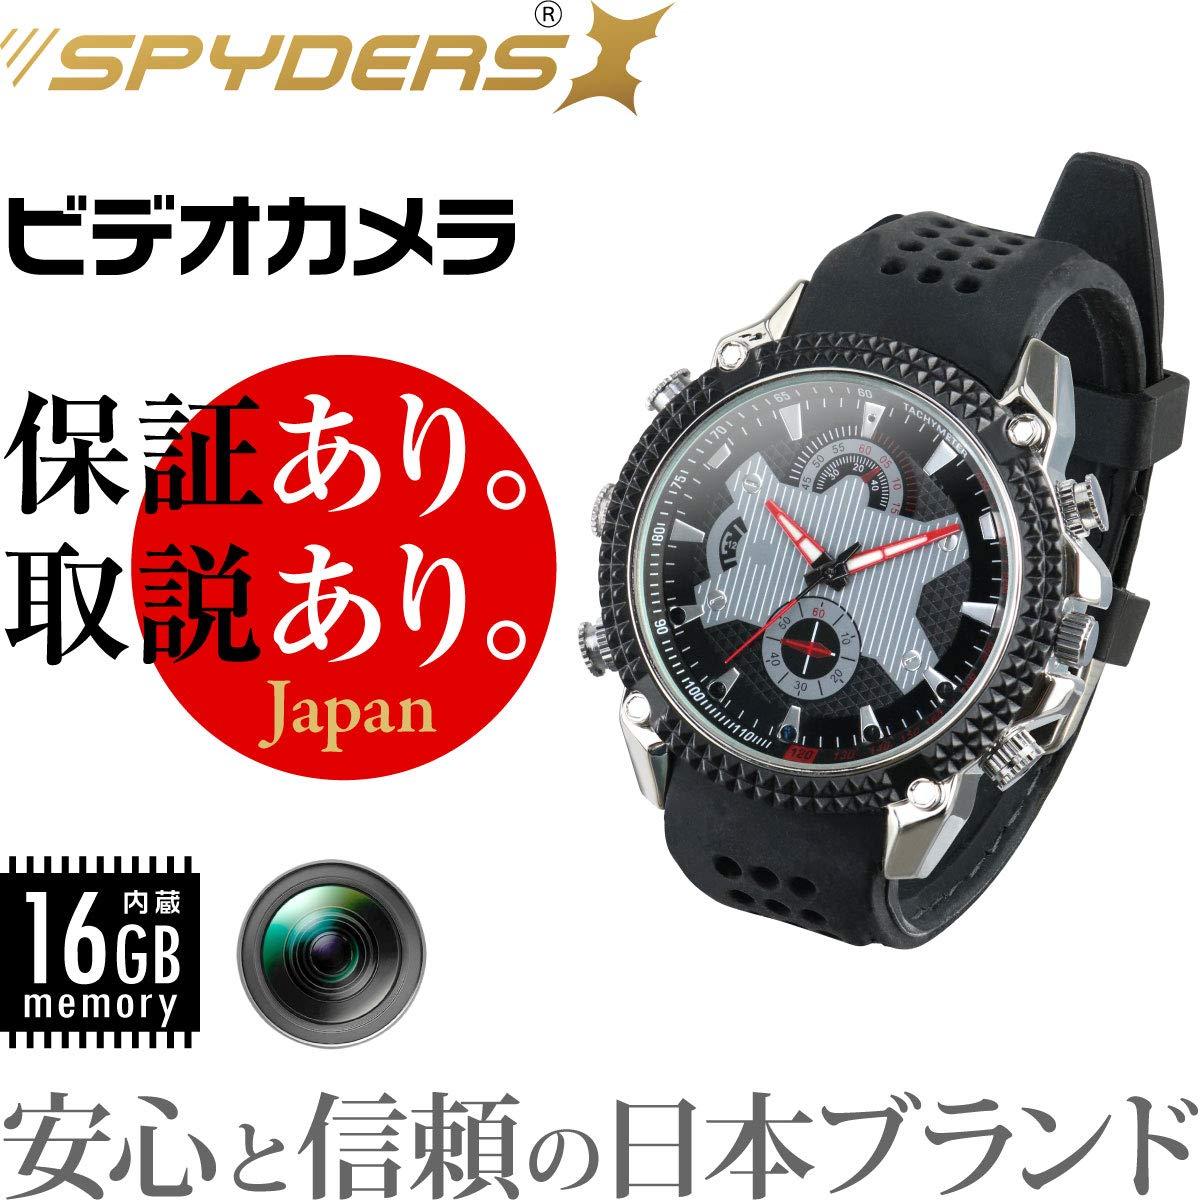 卸し売り購入 スパイダーズX B00LVDUKFA 腕時計型カメラ (W-780) 小型カメラ スパイカメラ (W-780) ウレタンバンド スパイカメラ B00LVDUKFA, SHOETIME:6e6eb370 --- mfphoto.ie